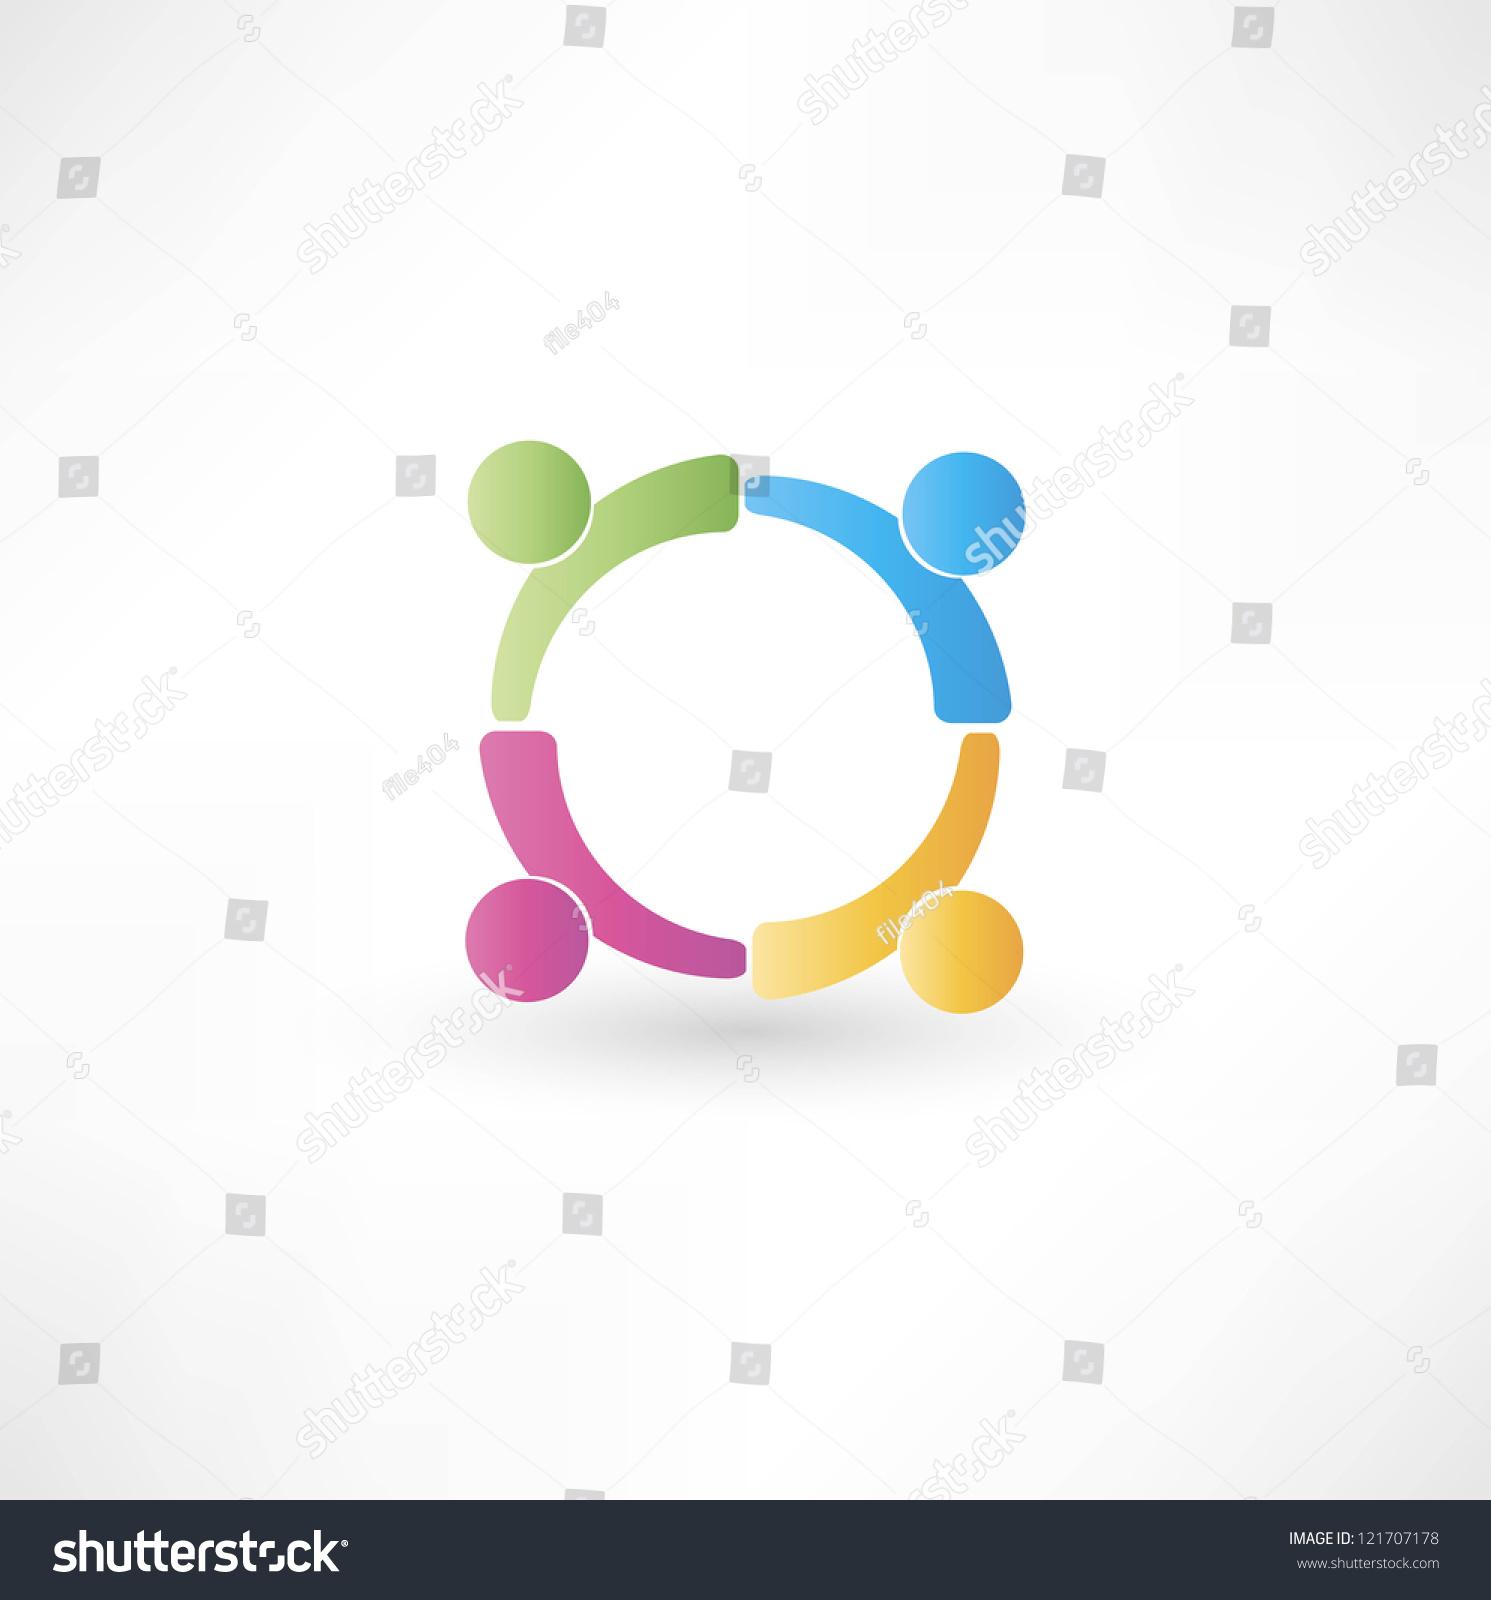 微信客服图标头像